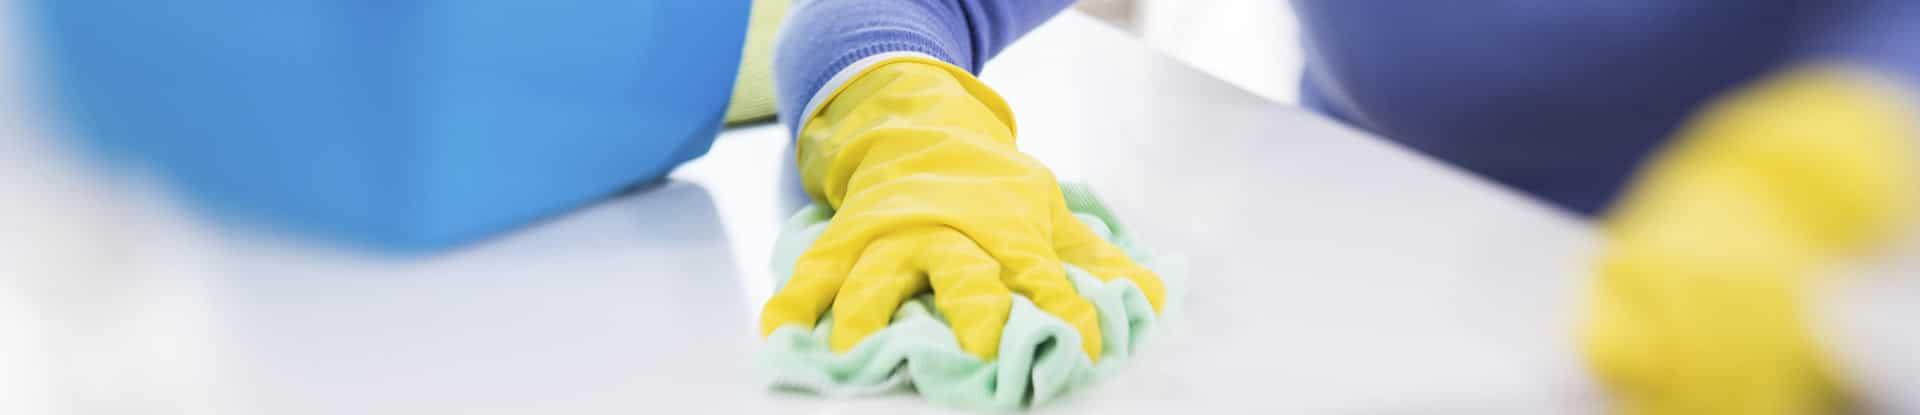 reinigen Reinigungen